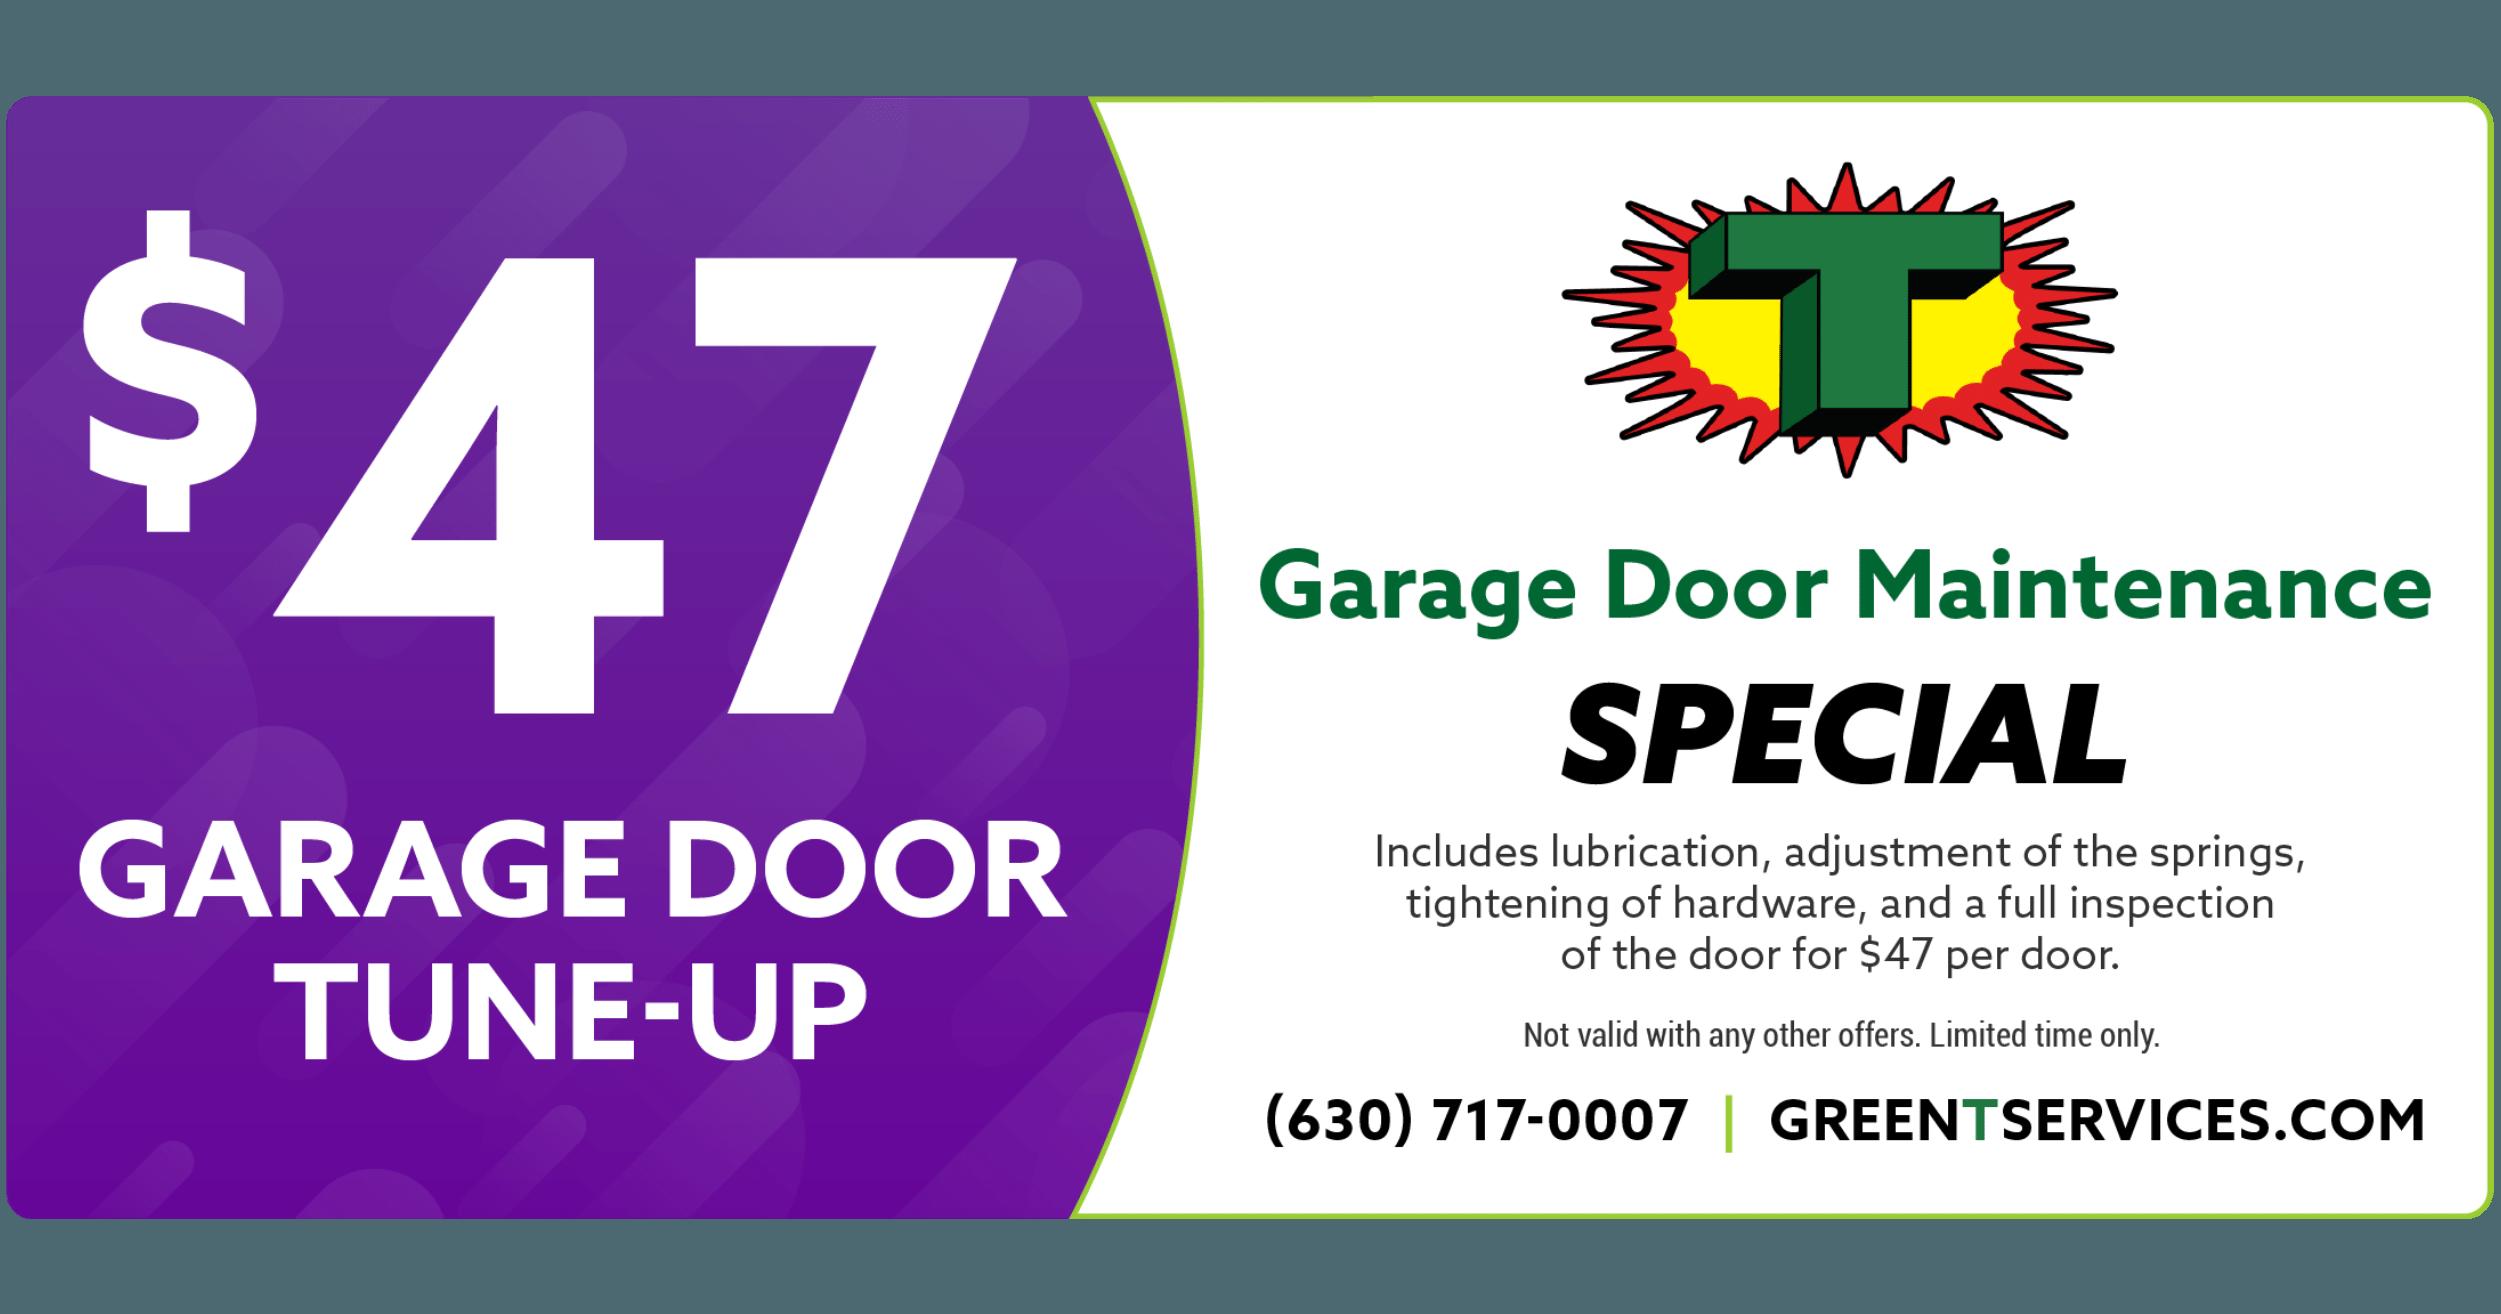 Garage Door Maintenance coupon